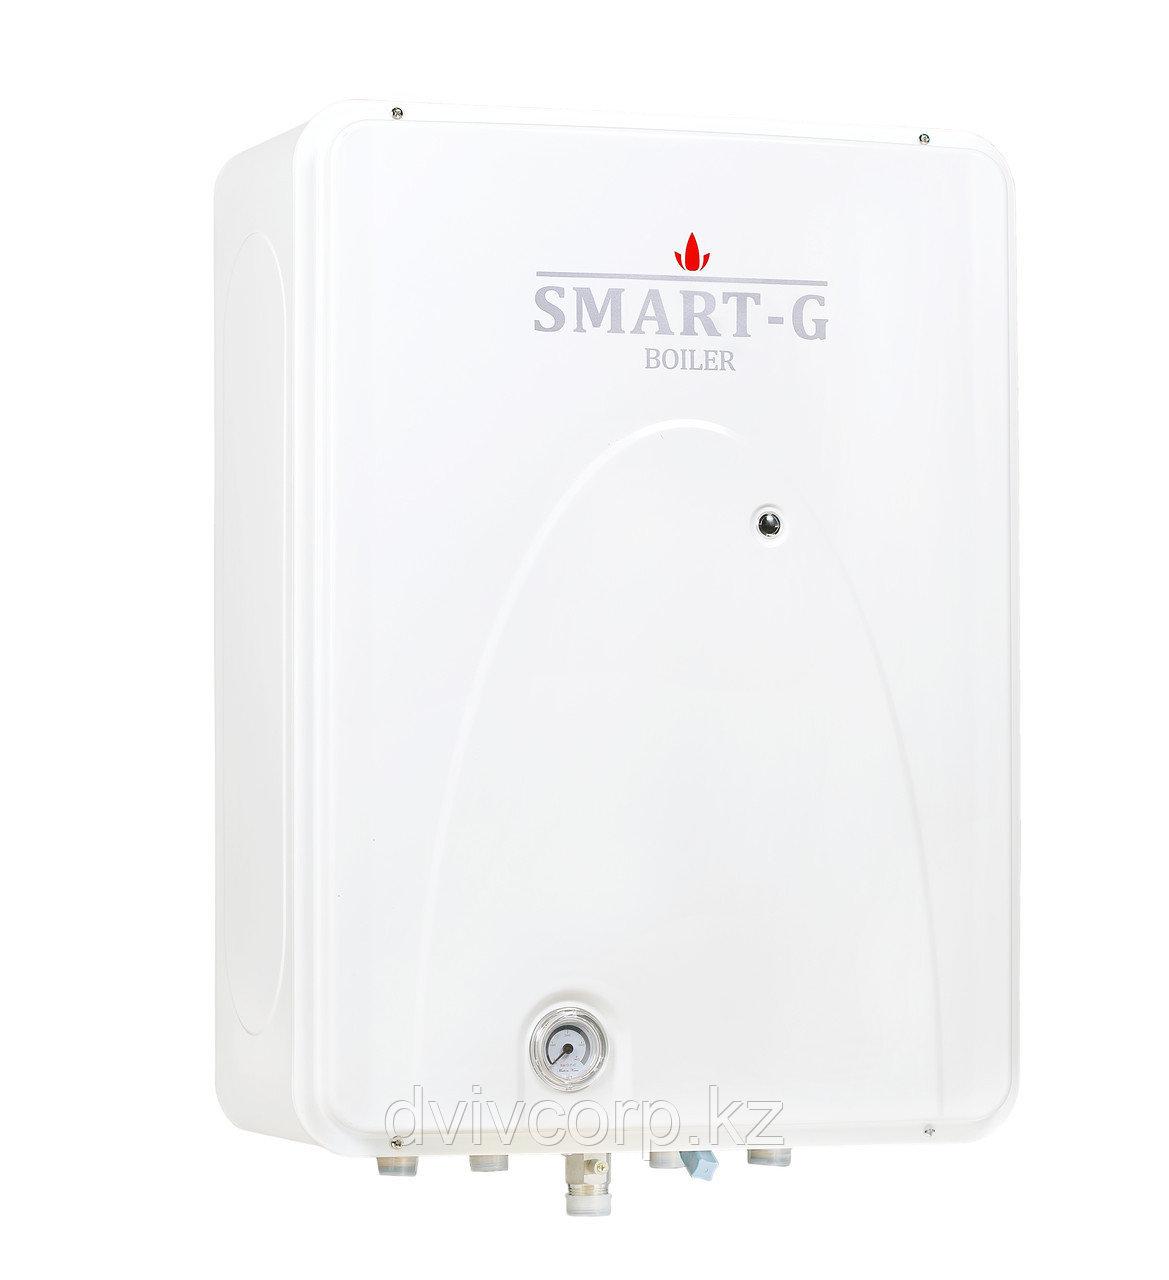 Газовый котел Smart-G SSB29k